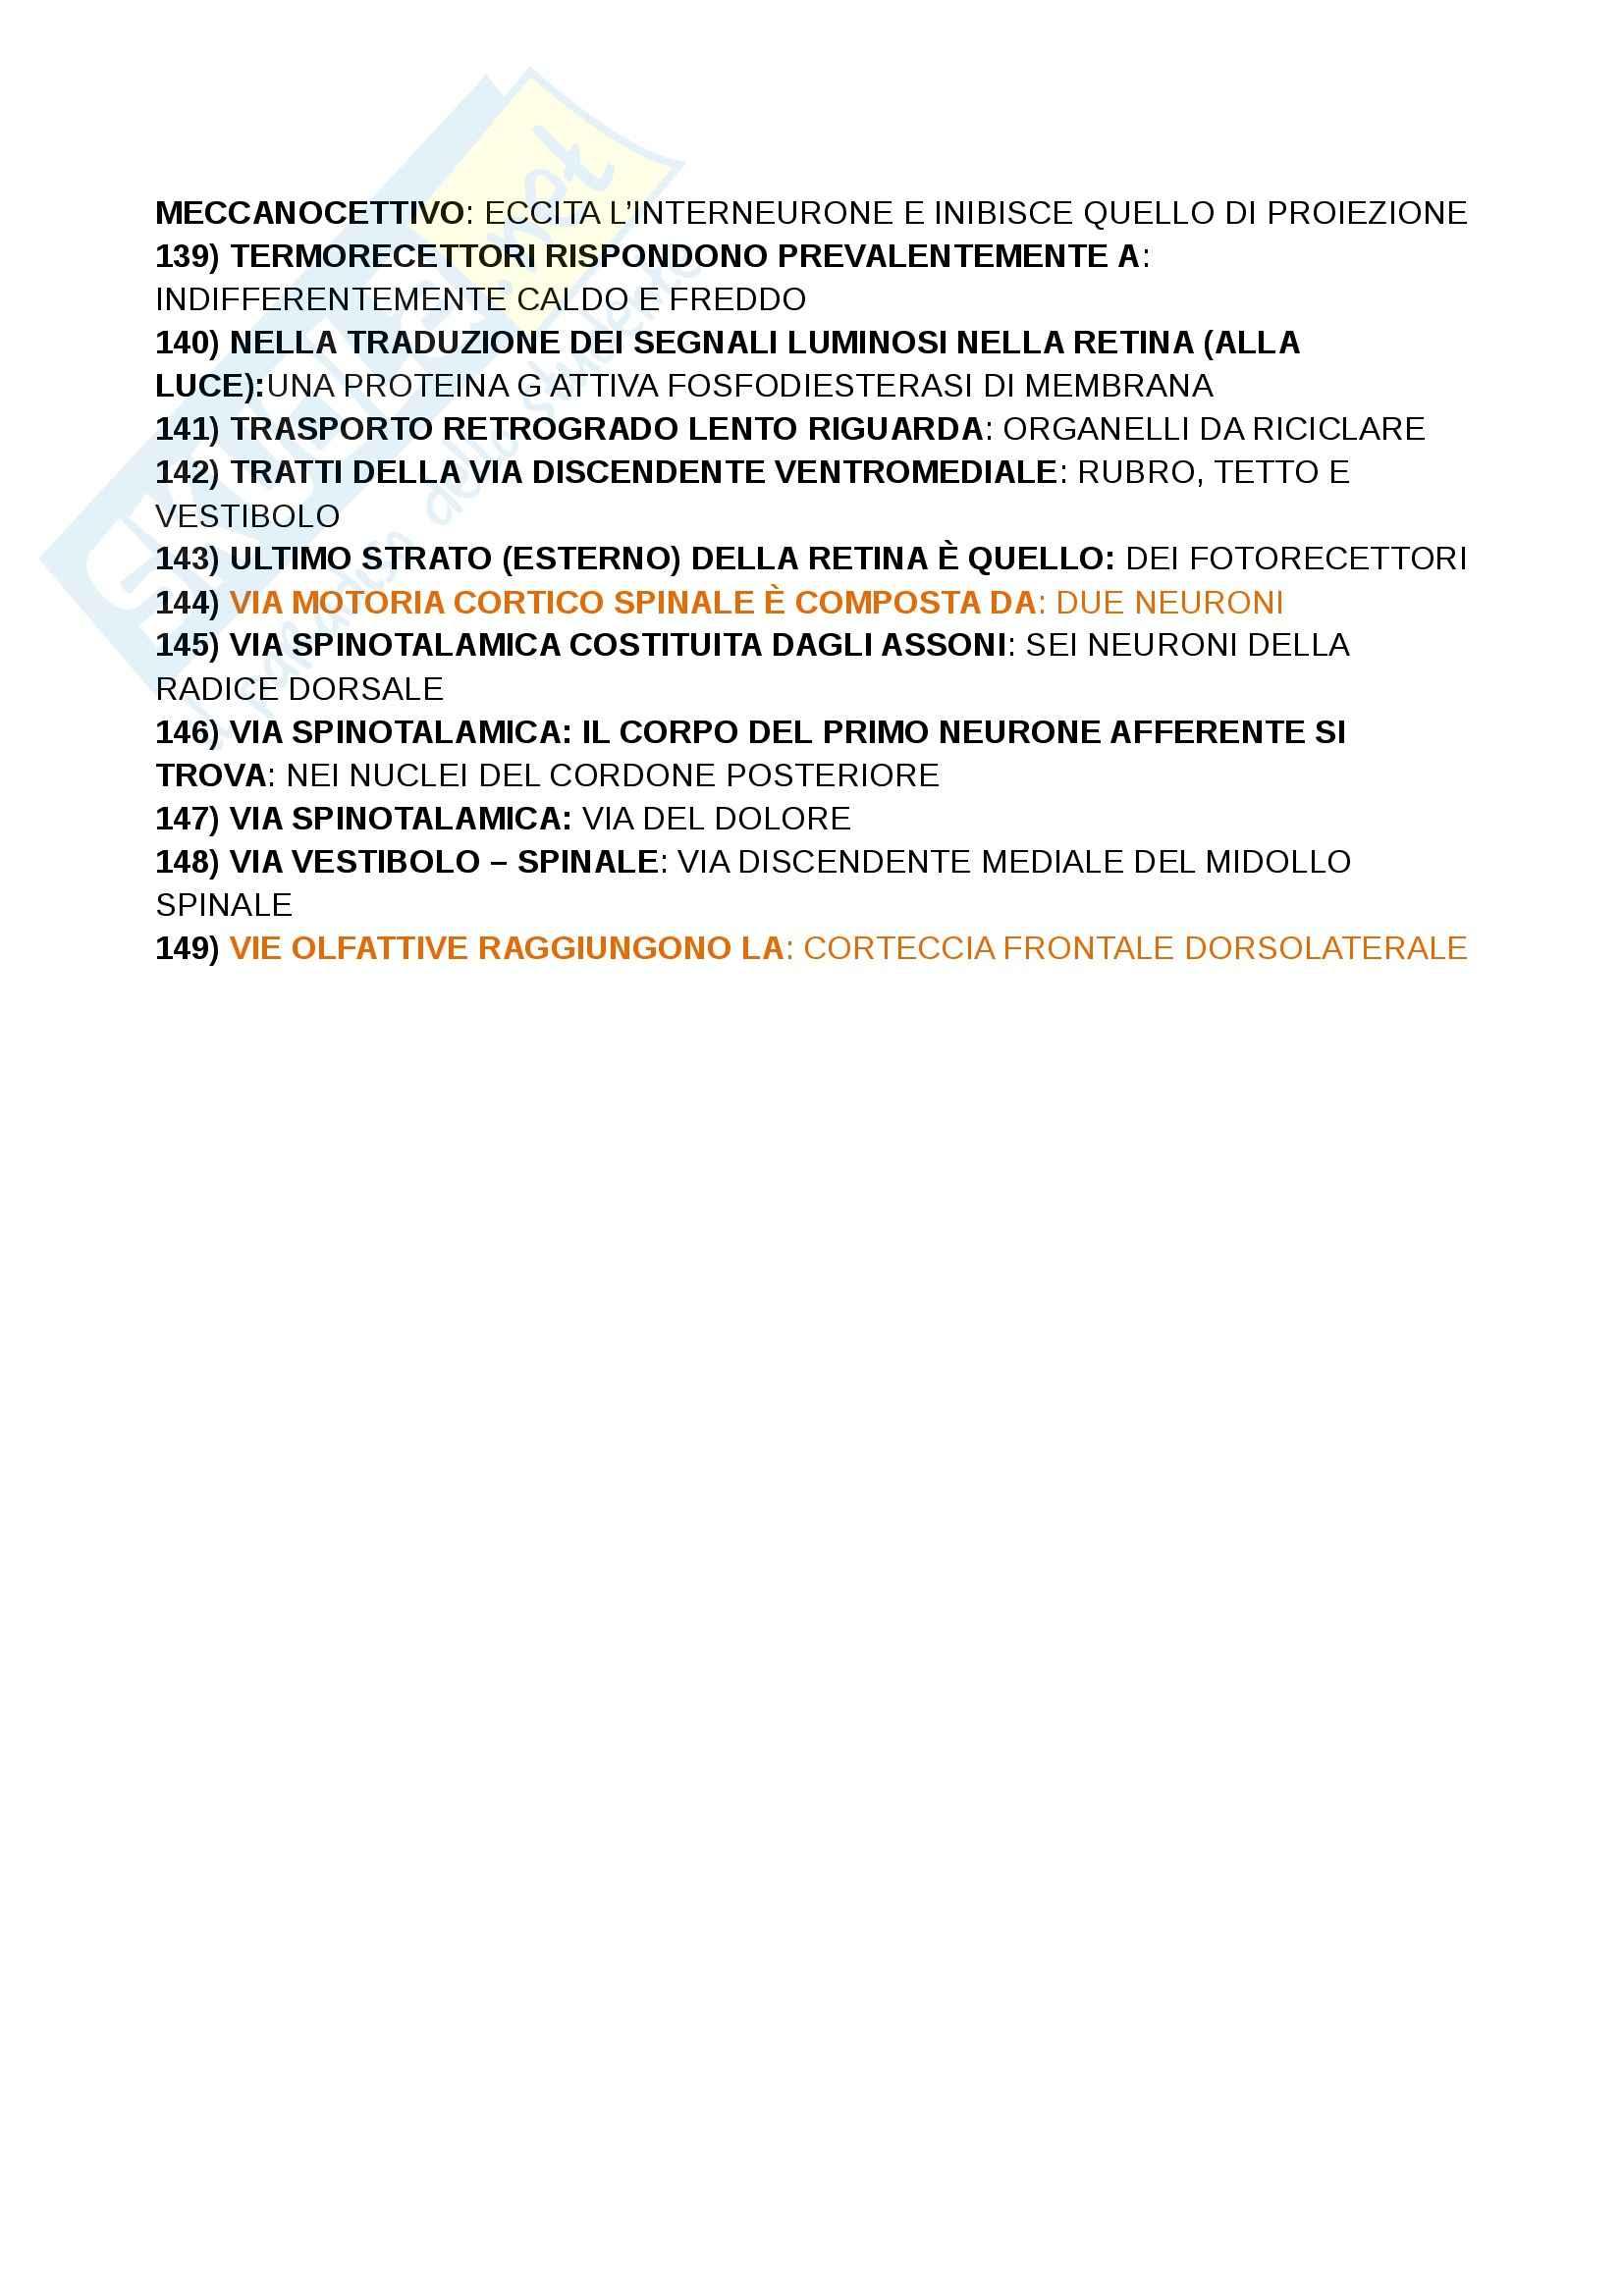 Domande crocette, Paulesu, fondamenti anatomo fisiologici dell'attività psichica Pag. 6